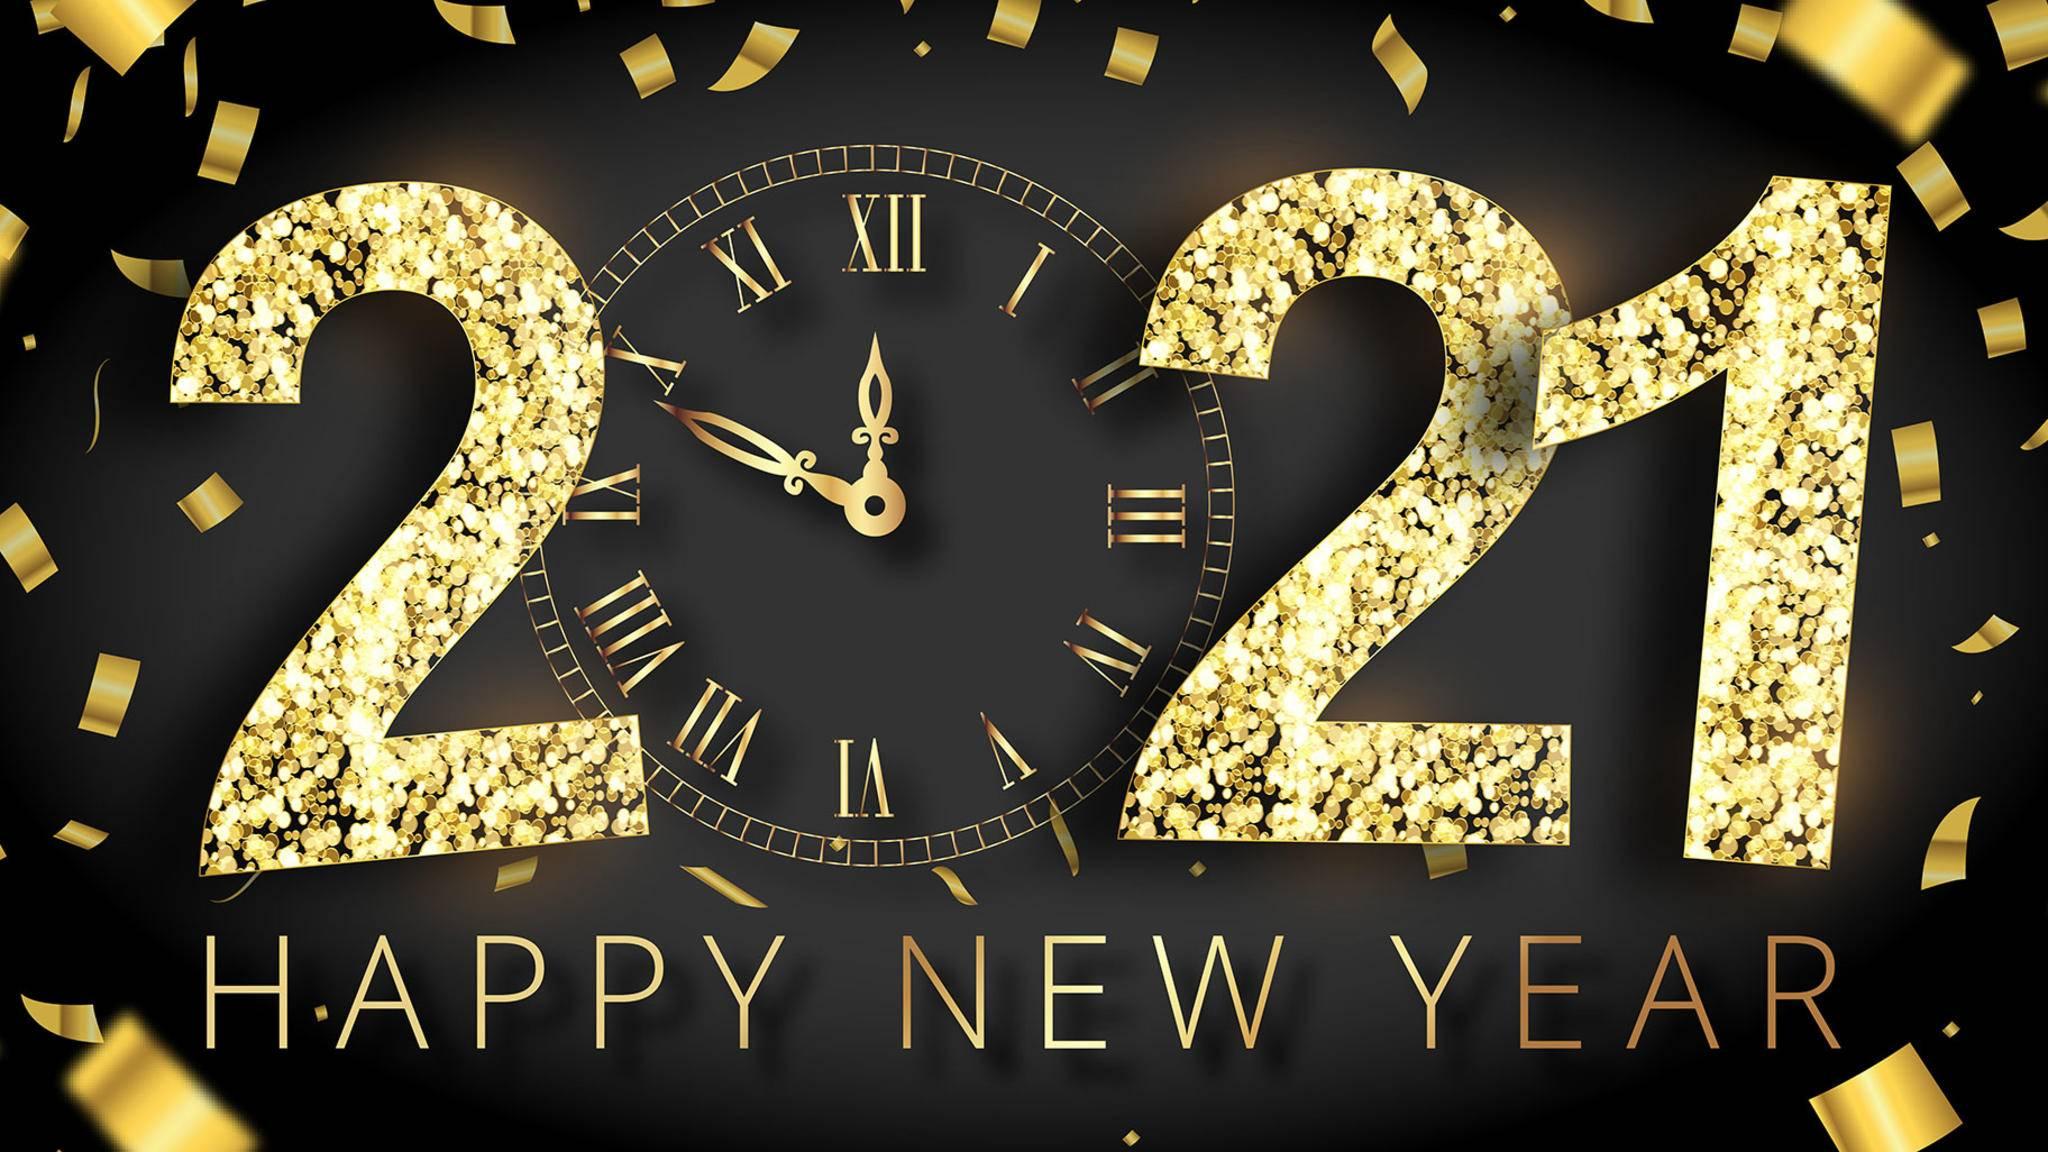 Feier das neue Jahr mit einem lieben Gruß an Freunde und Verwandte!